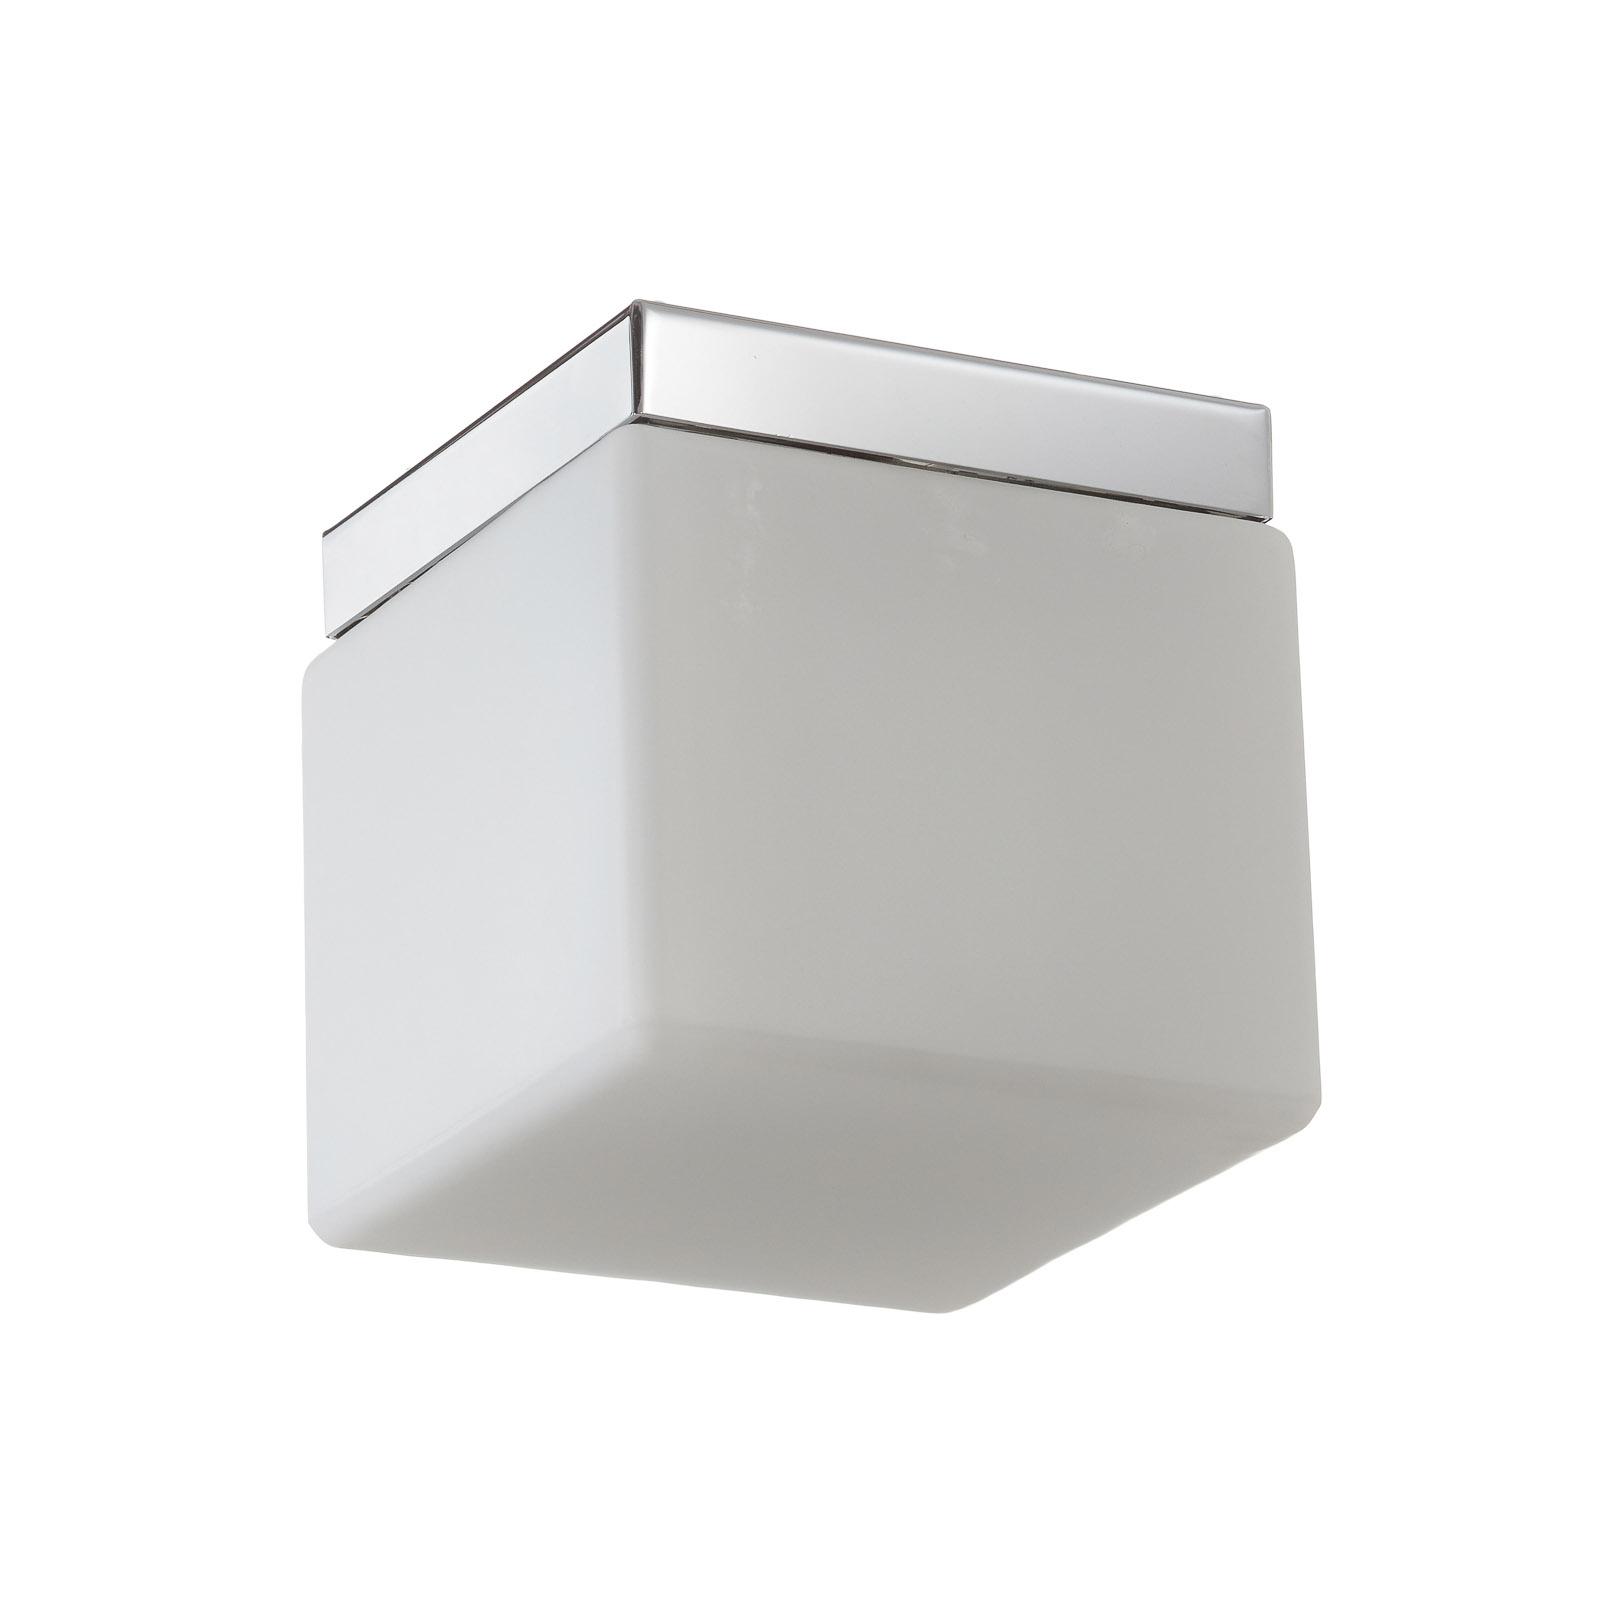 Tischleuchte Cubis, chrom